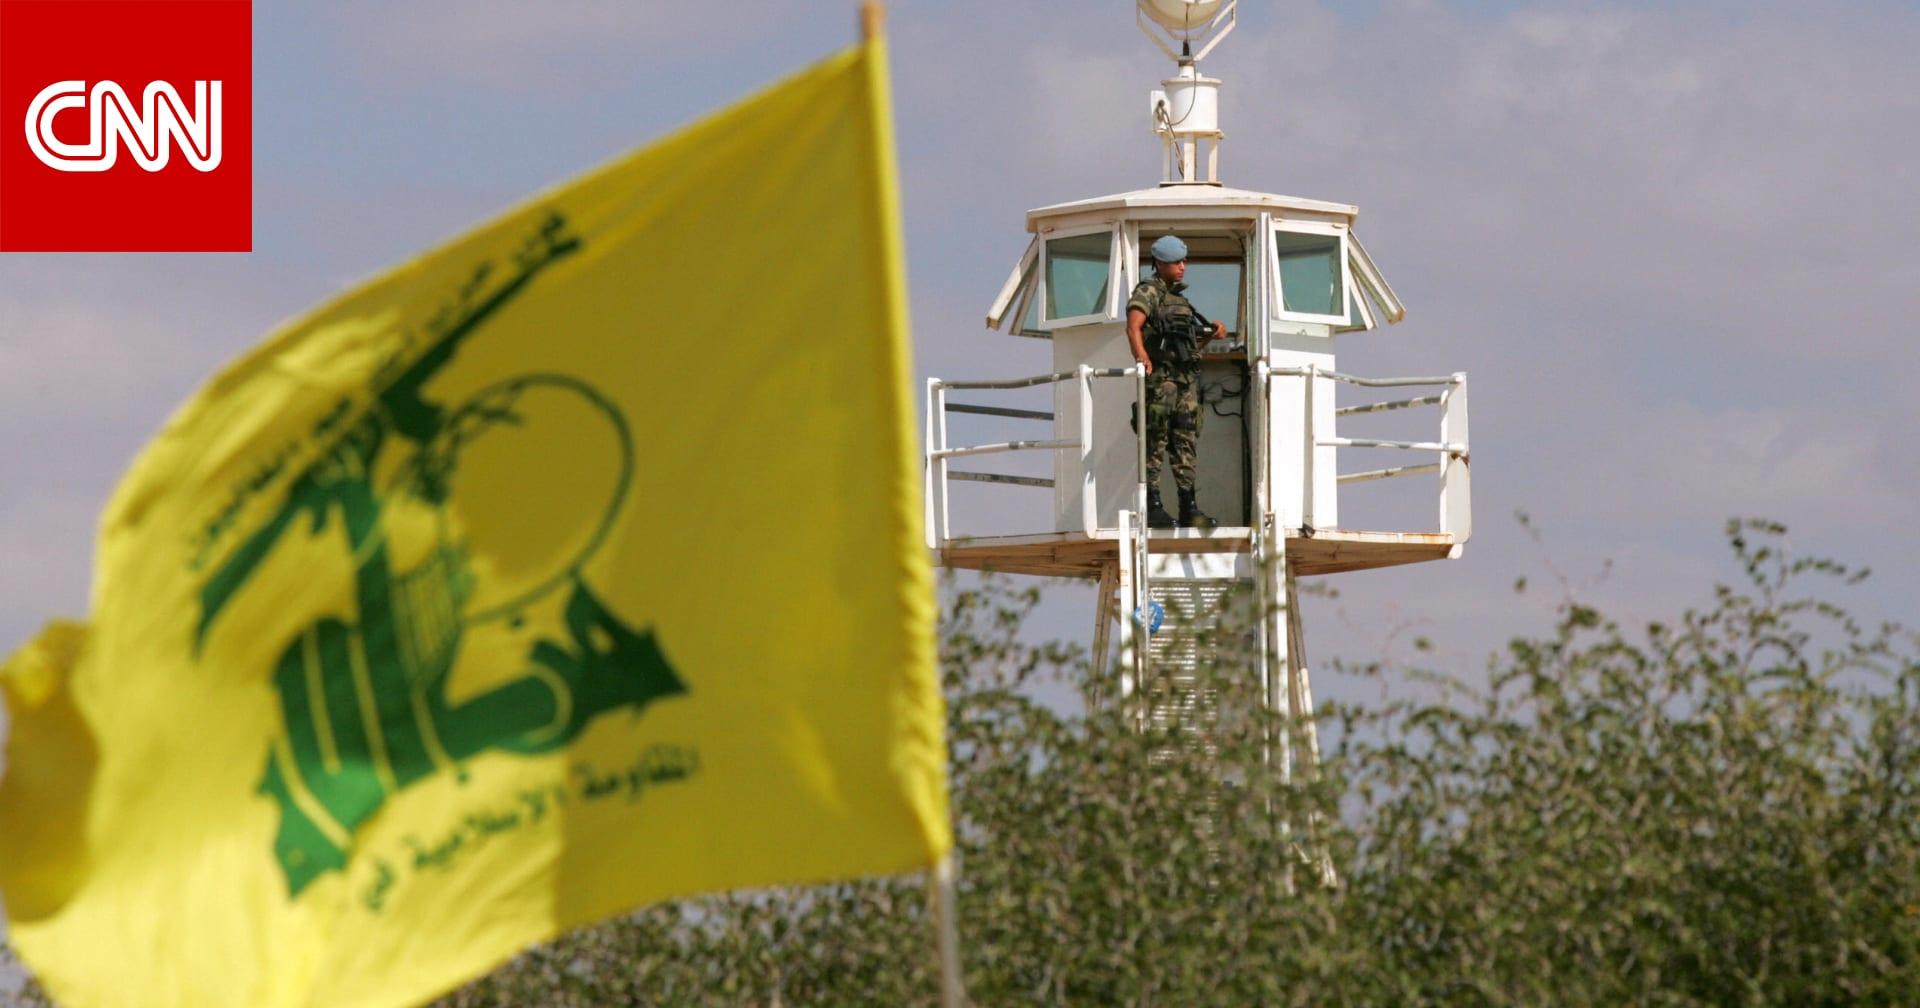 أدرعي يرد على تغريدة للقاسم حول دور حزب الله: يلعب لمصلحة أسياده